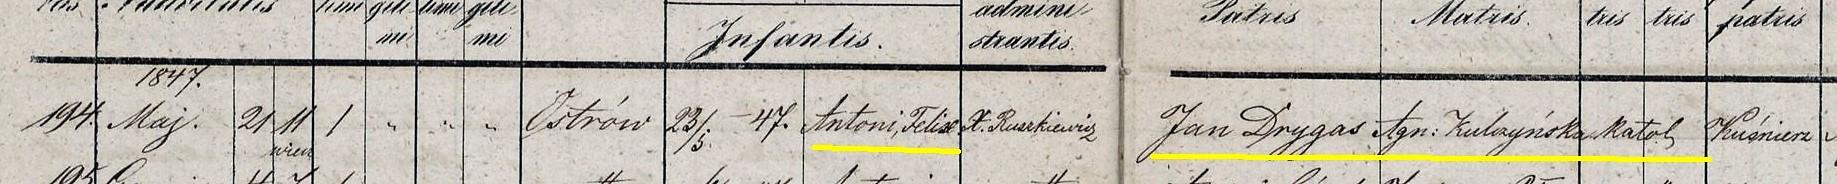 Fot 3. Zapis z księgi parafialnej o urodzeniu i chrzcie Antoniego Feliksa Drygasa.